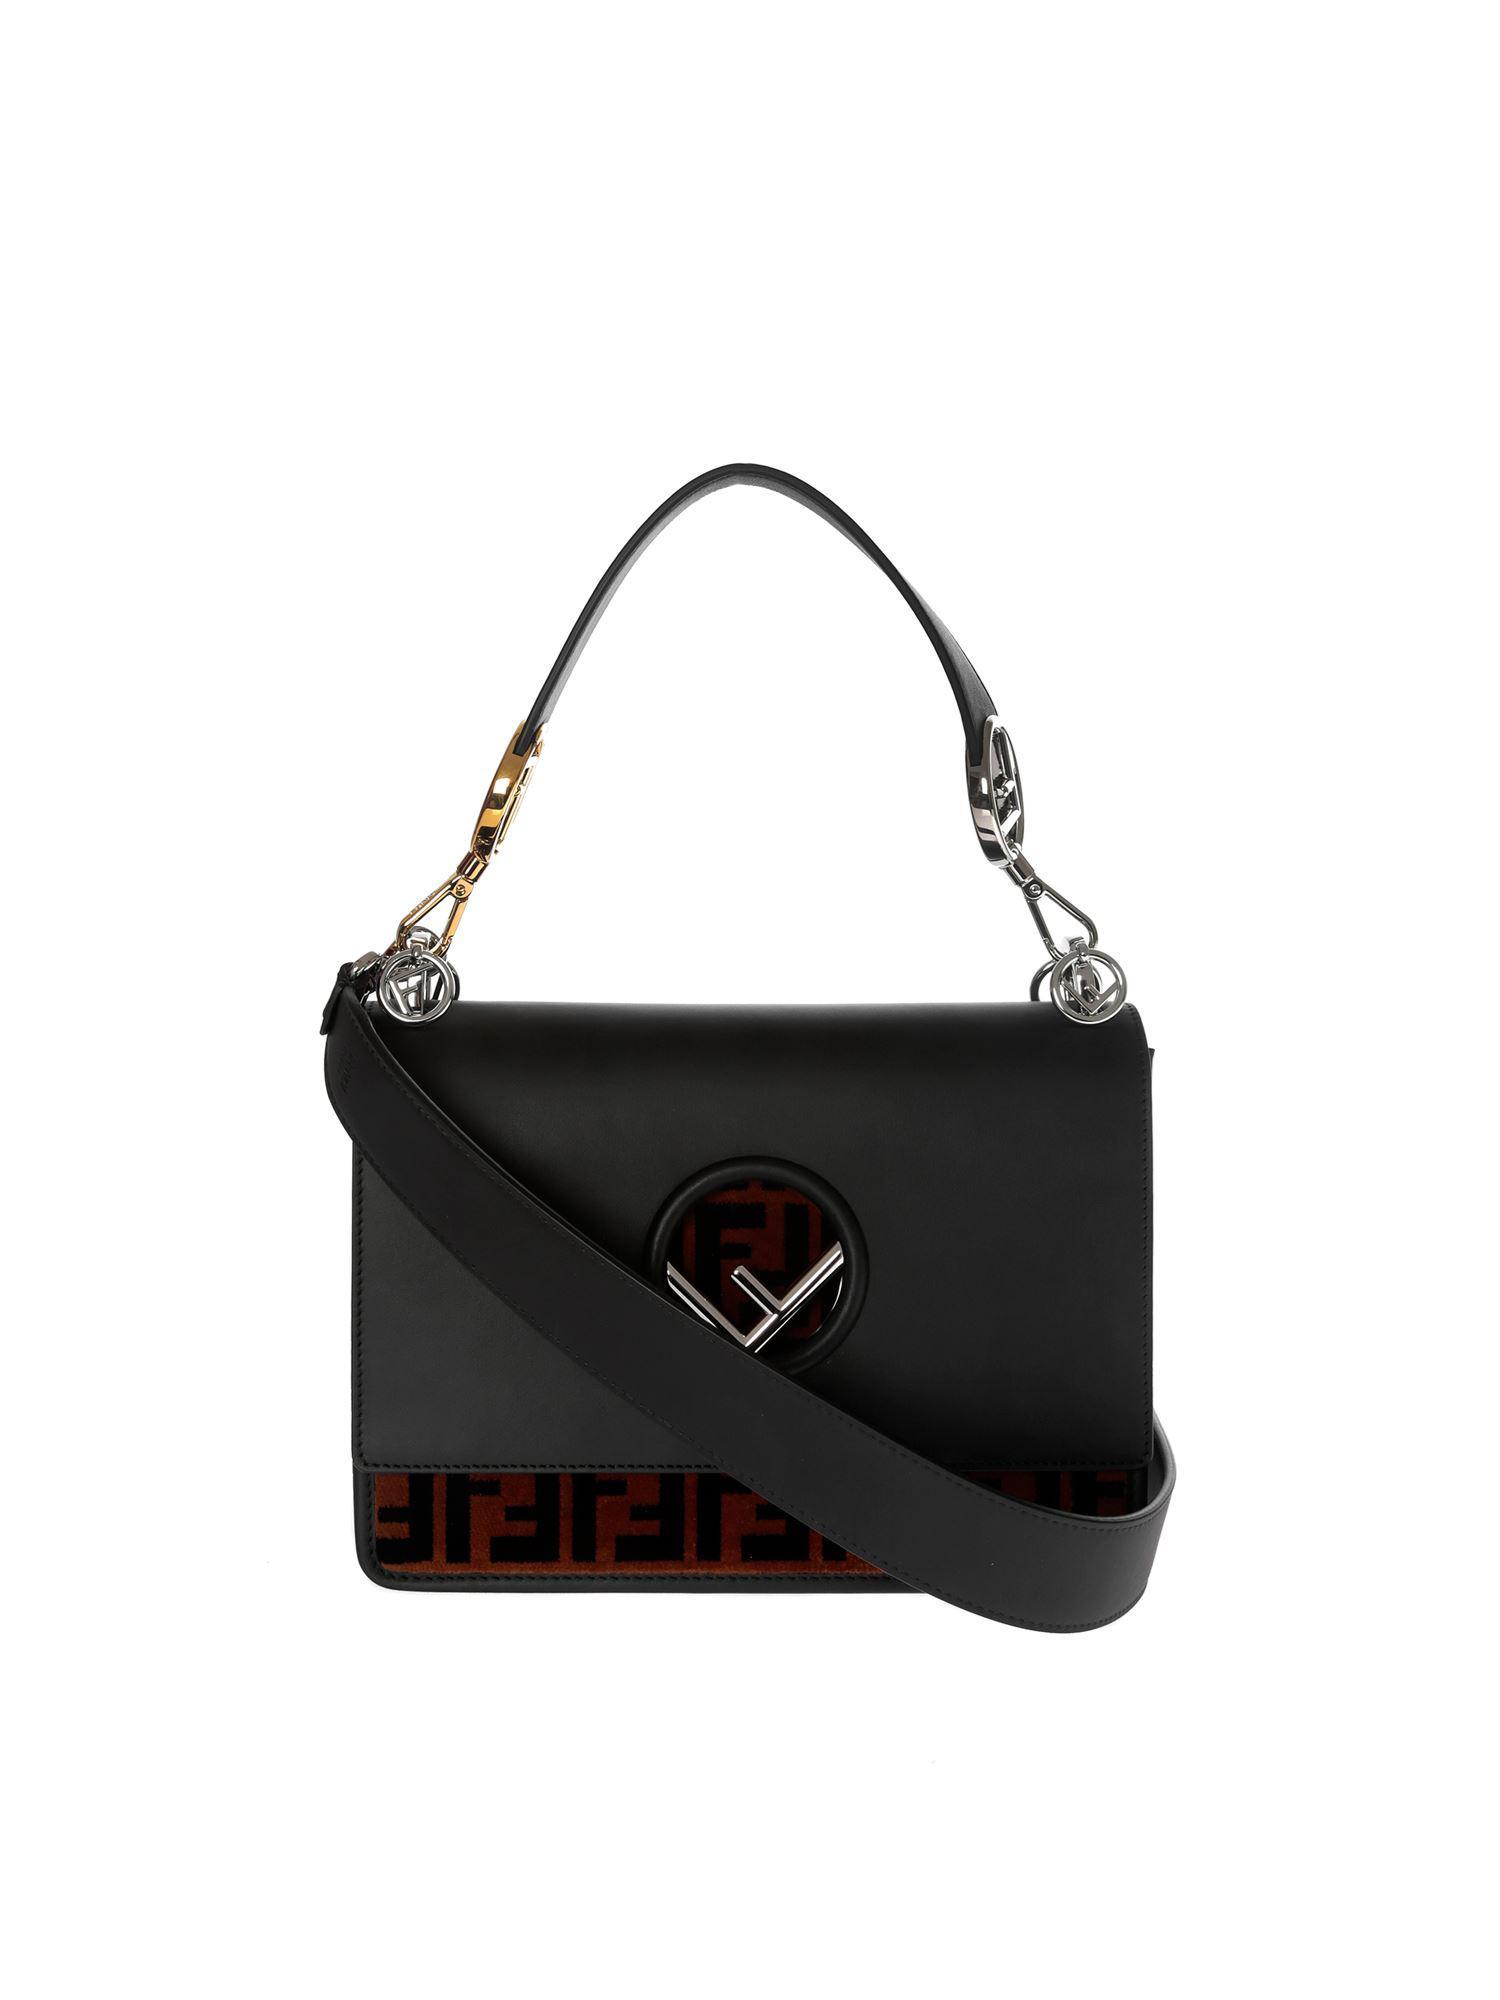 Lyst - Fendi Kan I Black Bag With Ff Carpet in Black 48ee1dbb11925